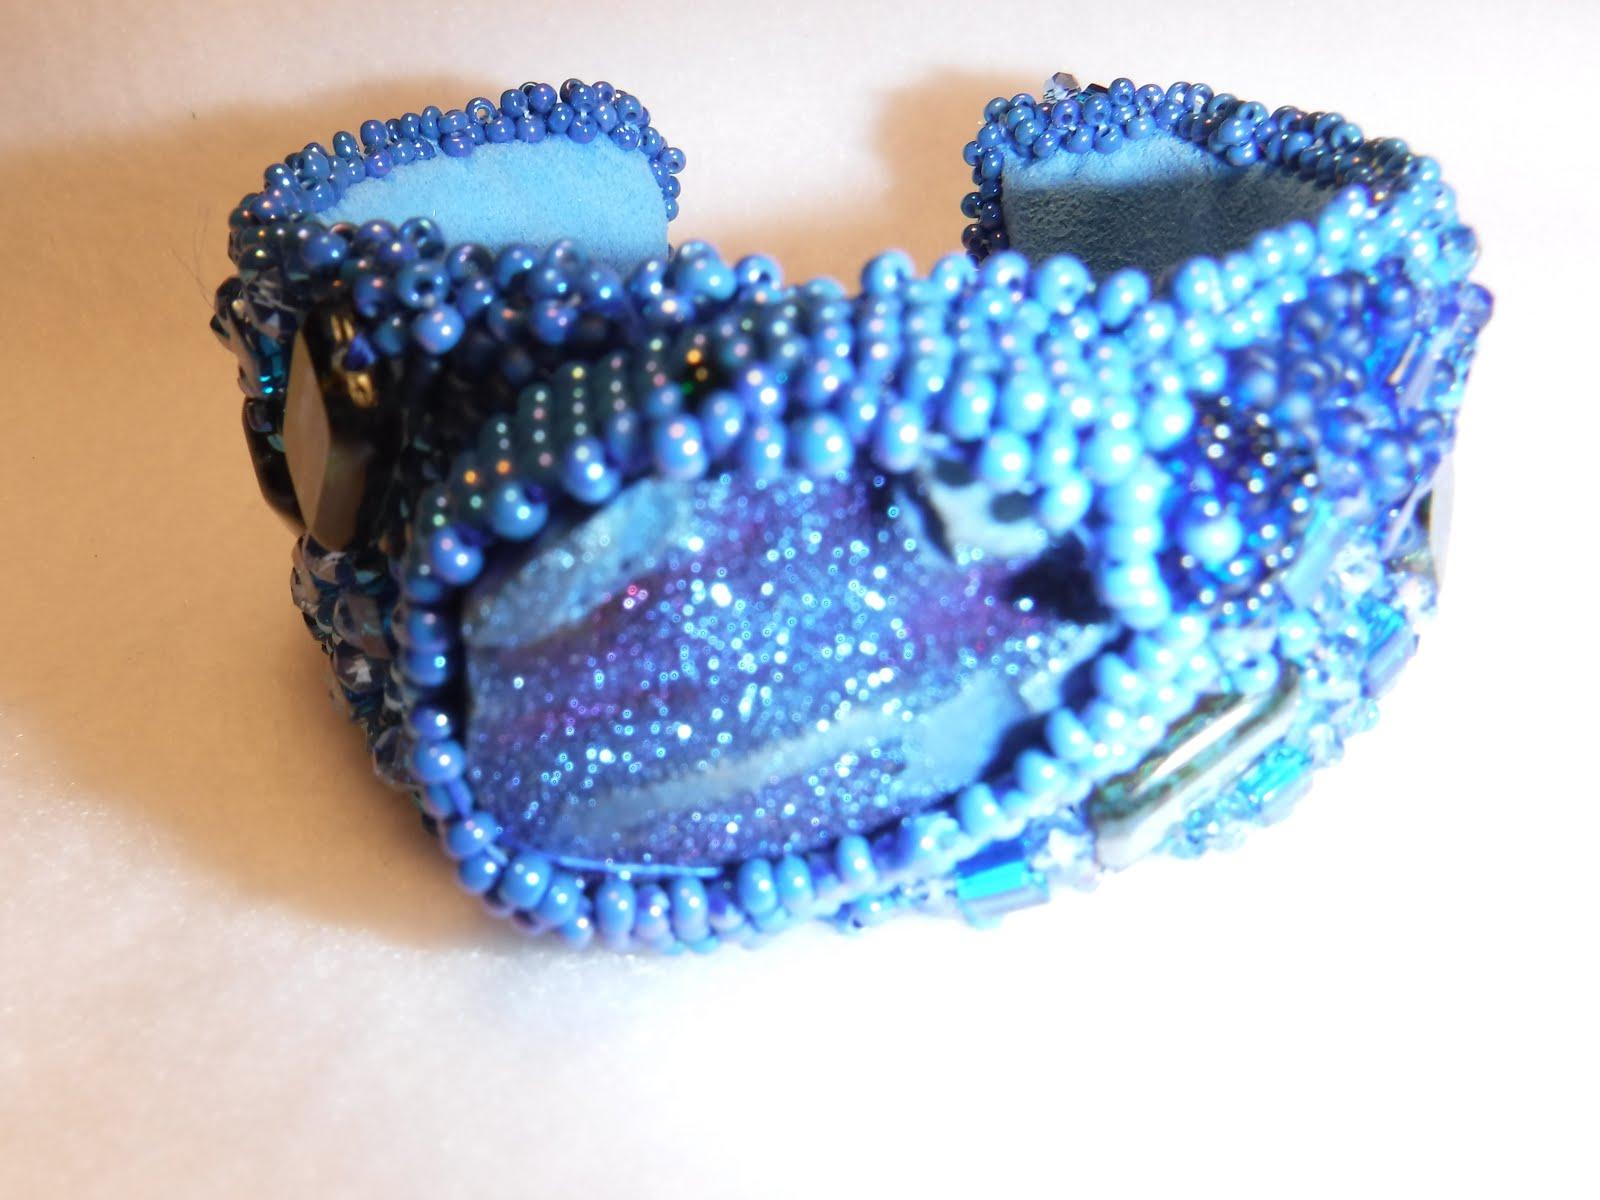 Blue Druzy Quartz crystal cuff